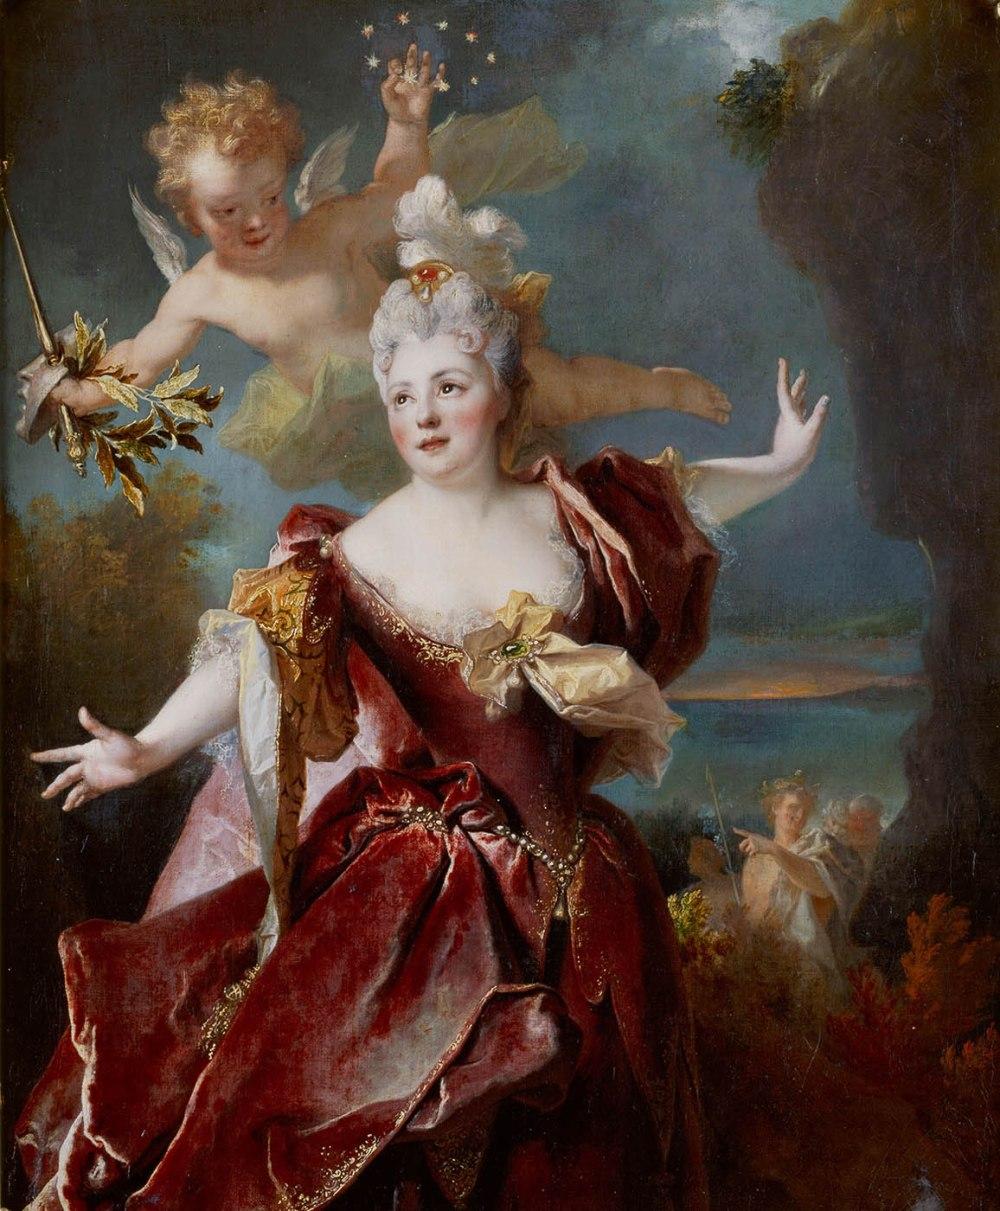 Nicolas de Largillierre. Retrato de la actriz Marie-Anne de Châteauneuf, conocida como madame Duclós en el papel de Ariane. Hacia 1712. Museo Condé. Palacio de Chantilly.